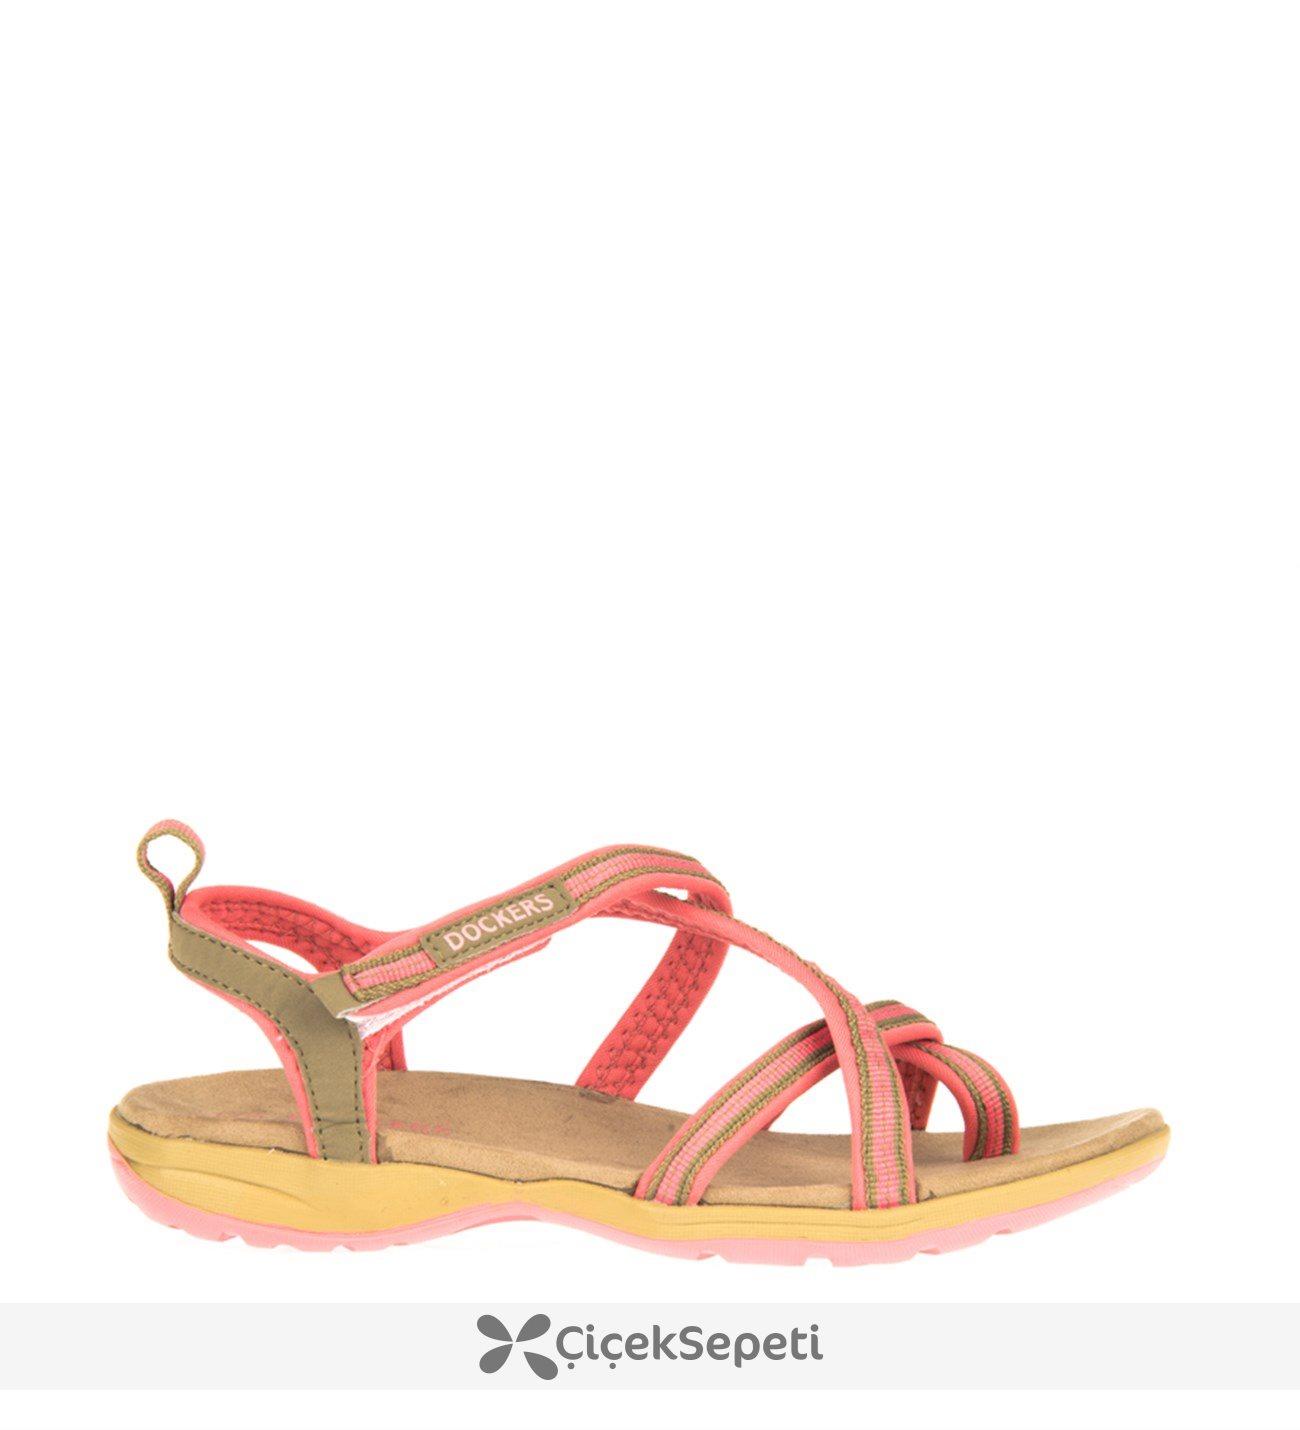 Dockers Kadın Sandalet 8122 218677 Gelincik